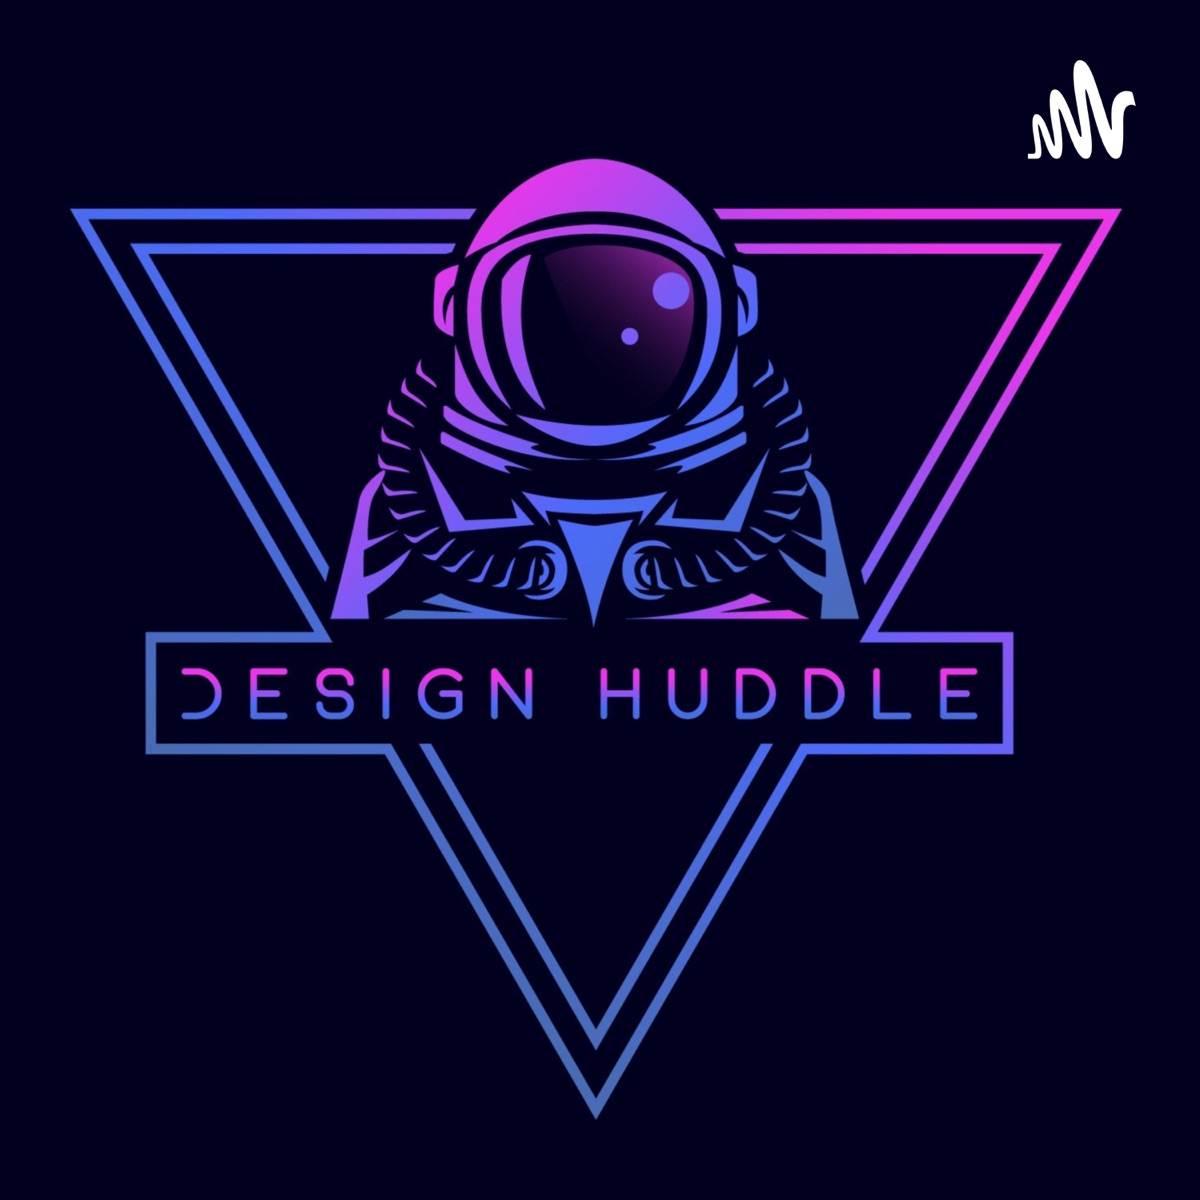 Design Huddle - UX Podcast